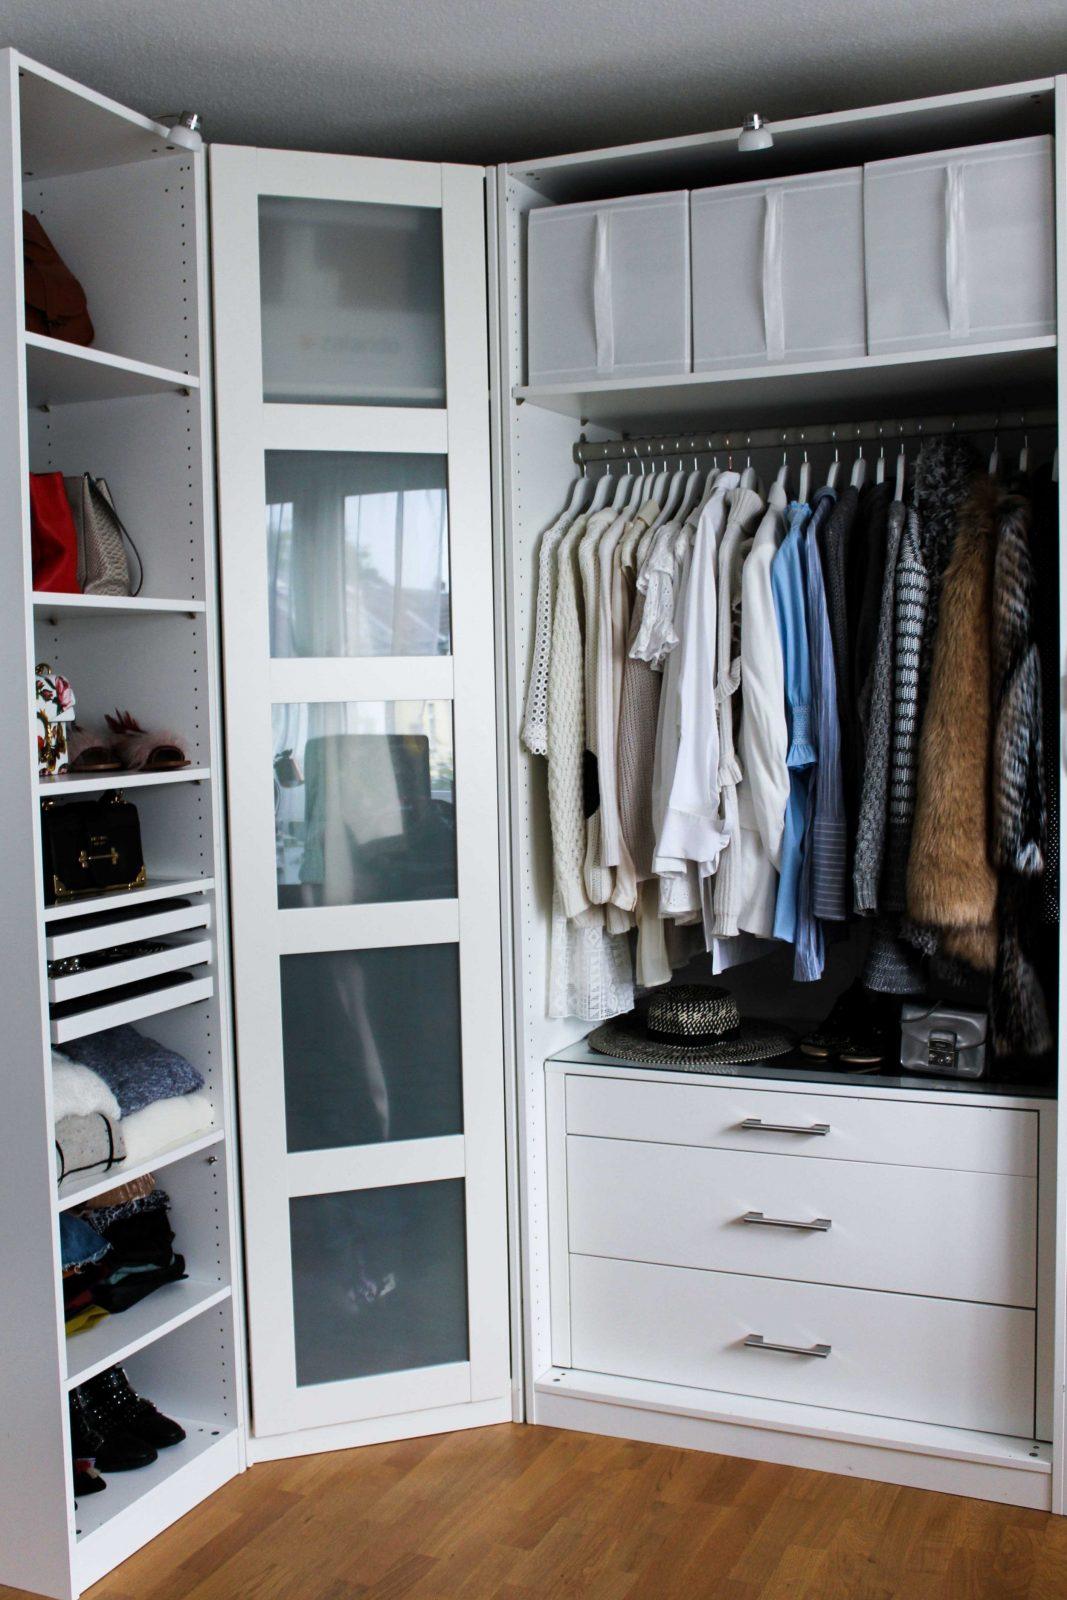 kleiderschrank ikea pax mit schiebet ren hasvik hochglanz weiss von ikea pax wei hochglanz. Black Bedroom Furniture Sets. Home Design Ideas